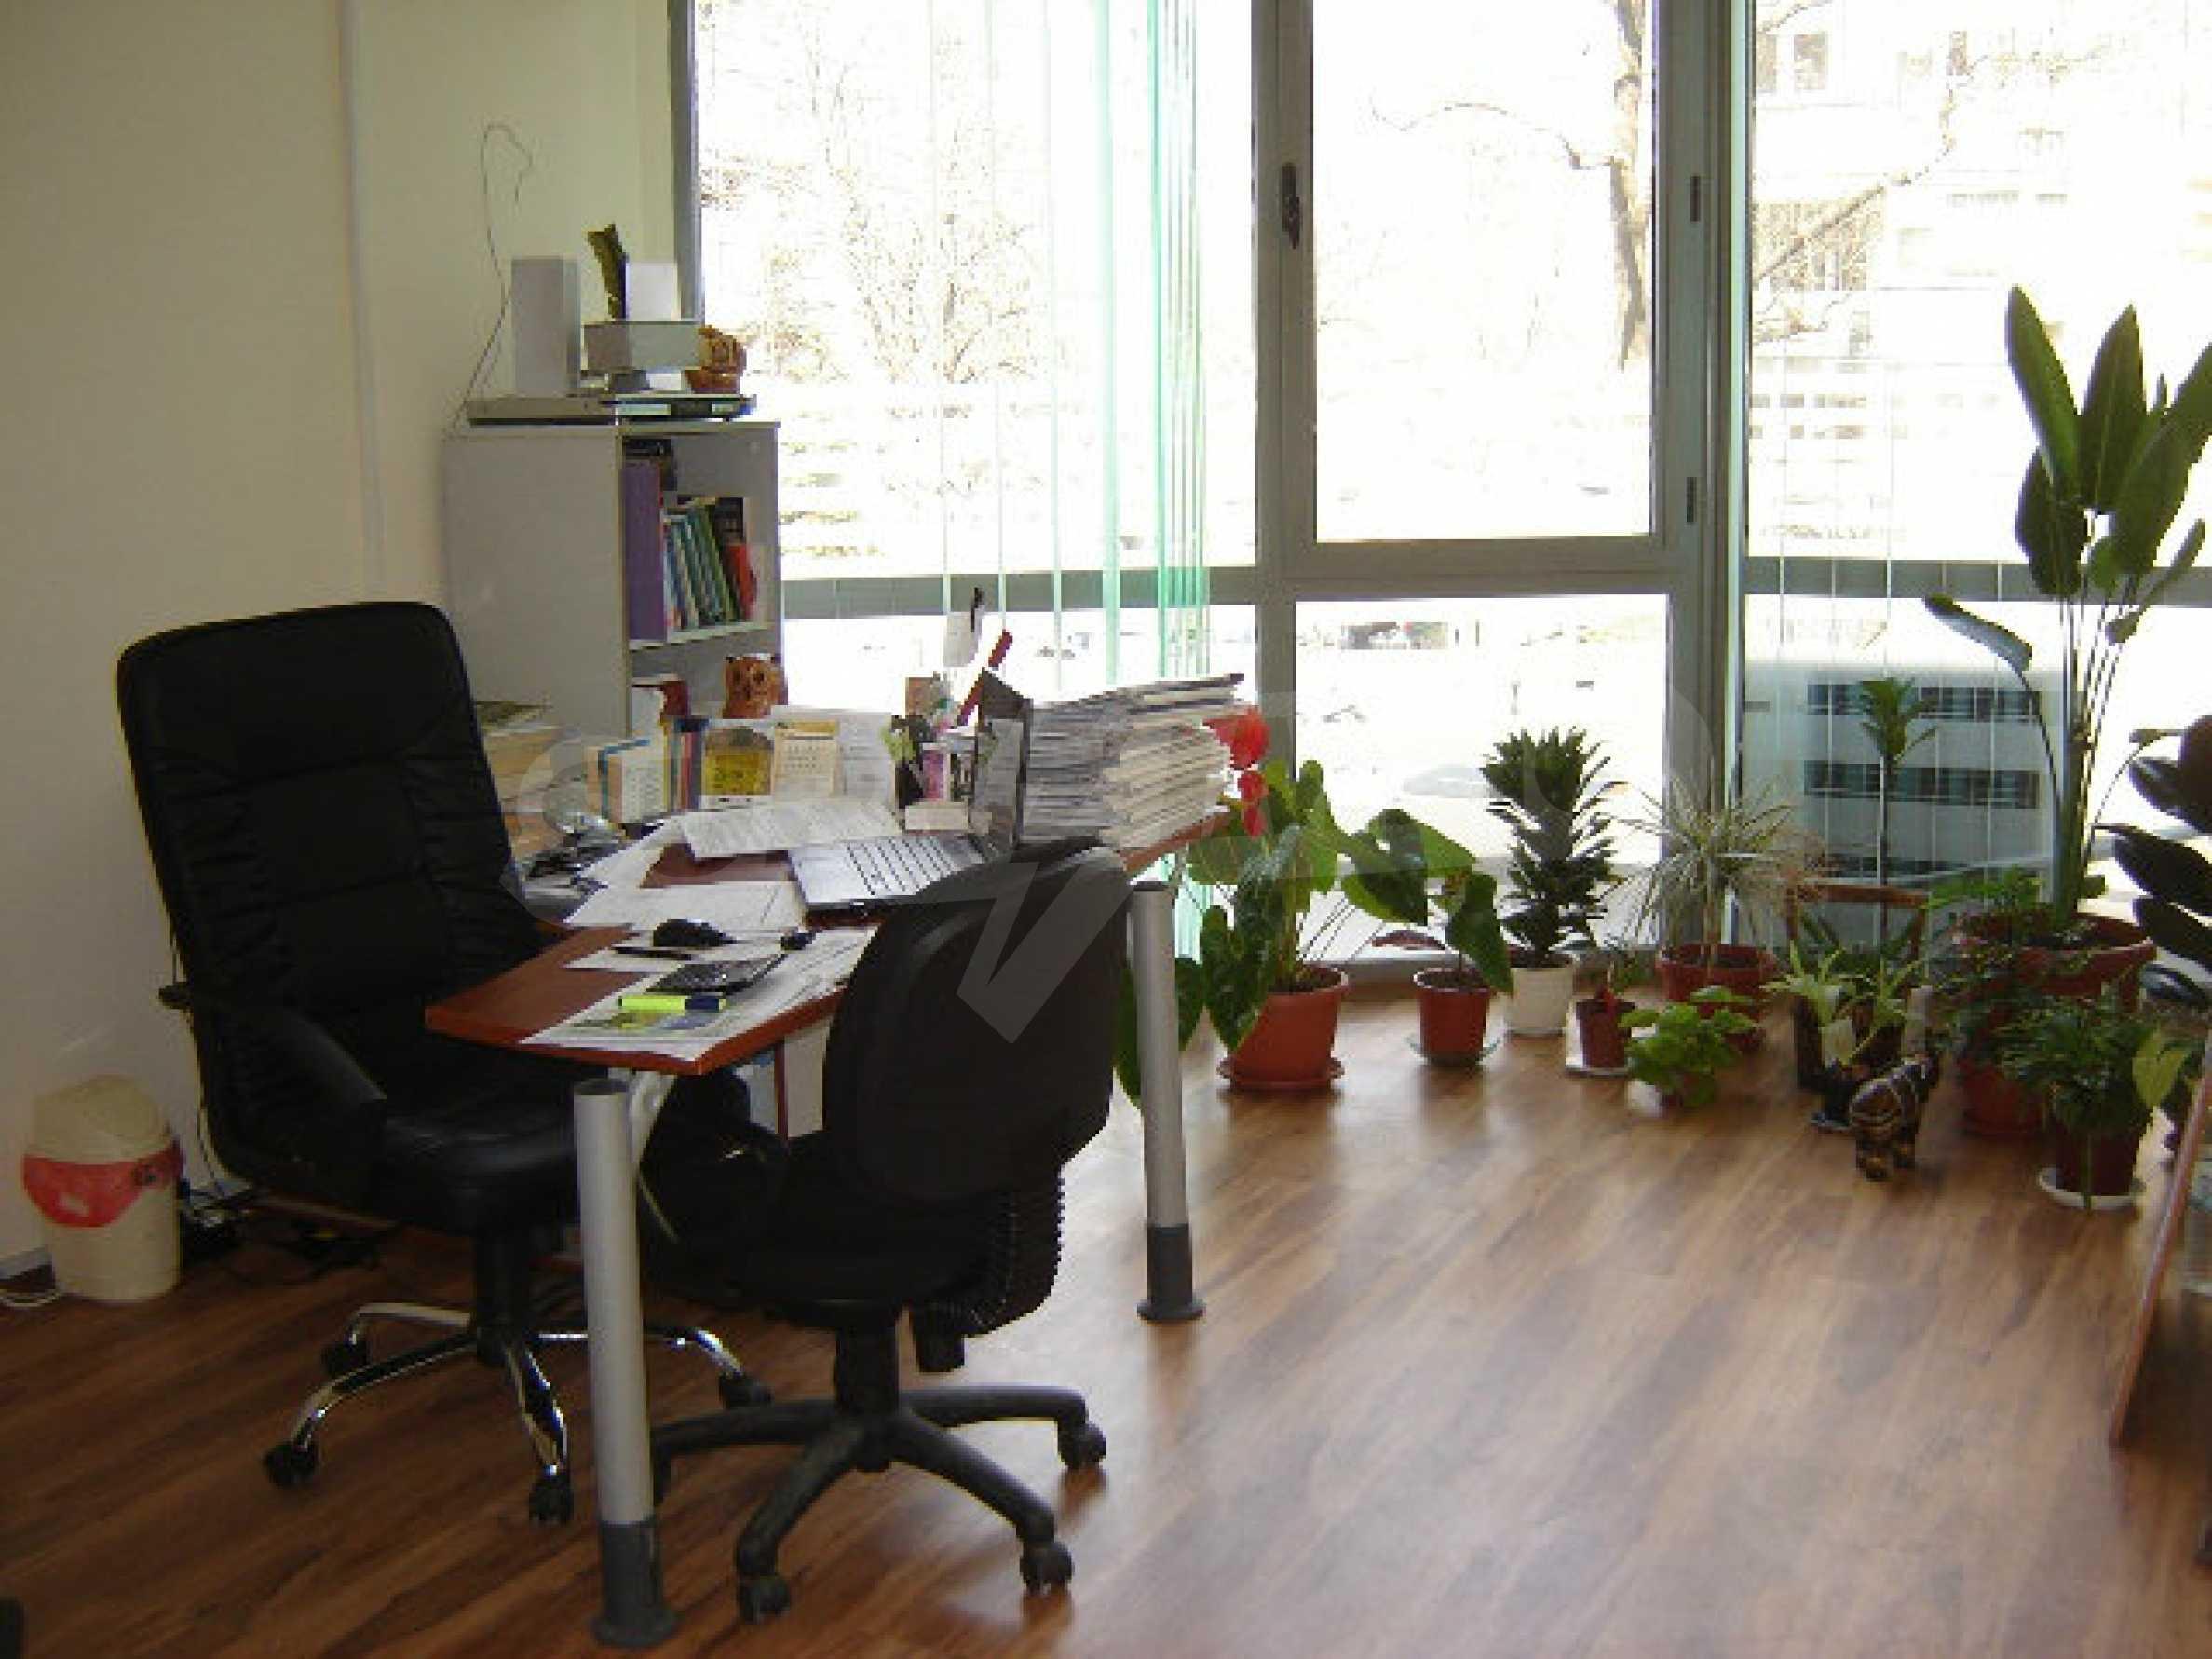 Geräumiges Büro in einem Luxusgebäude am Meer 16